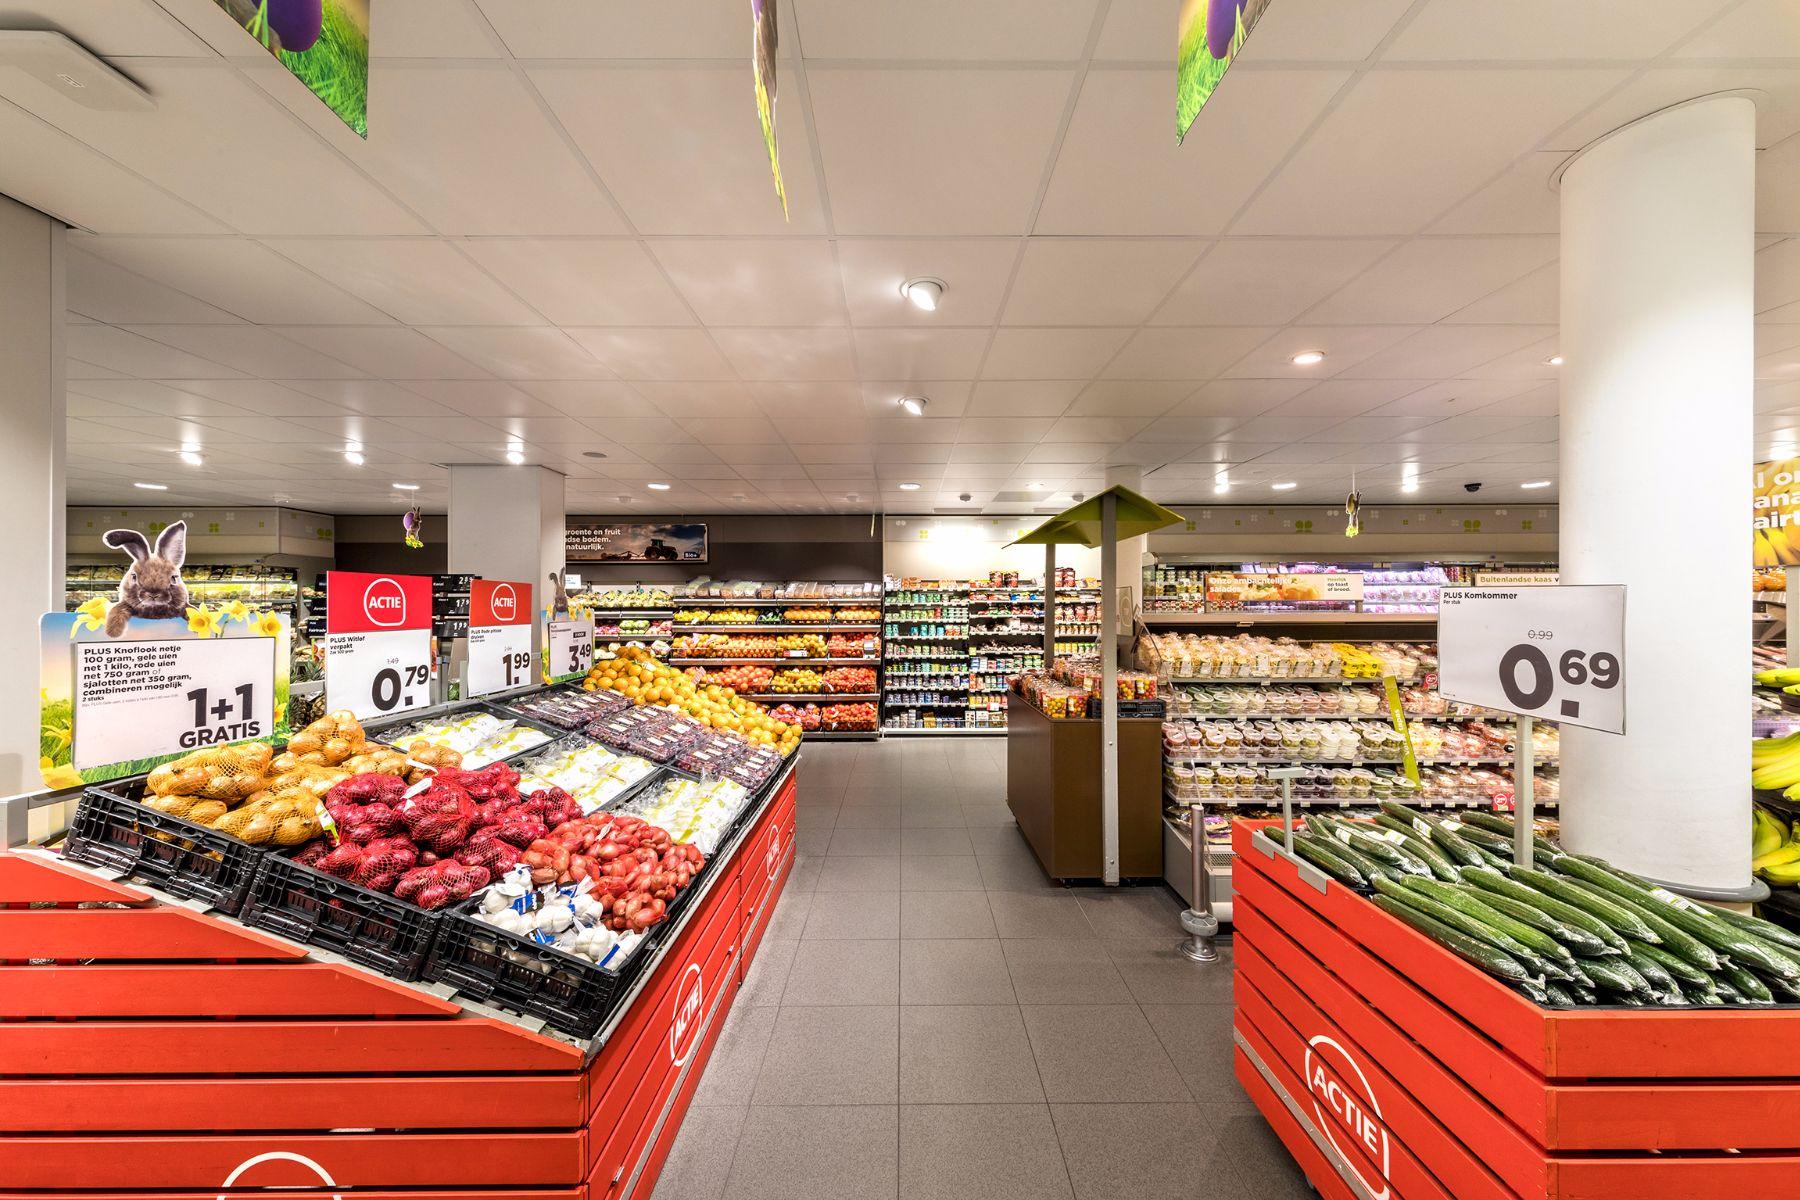 Plus van Velzen harmelen supermarkt